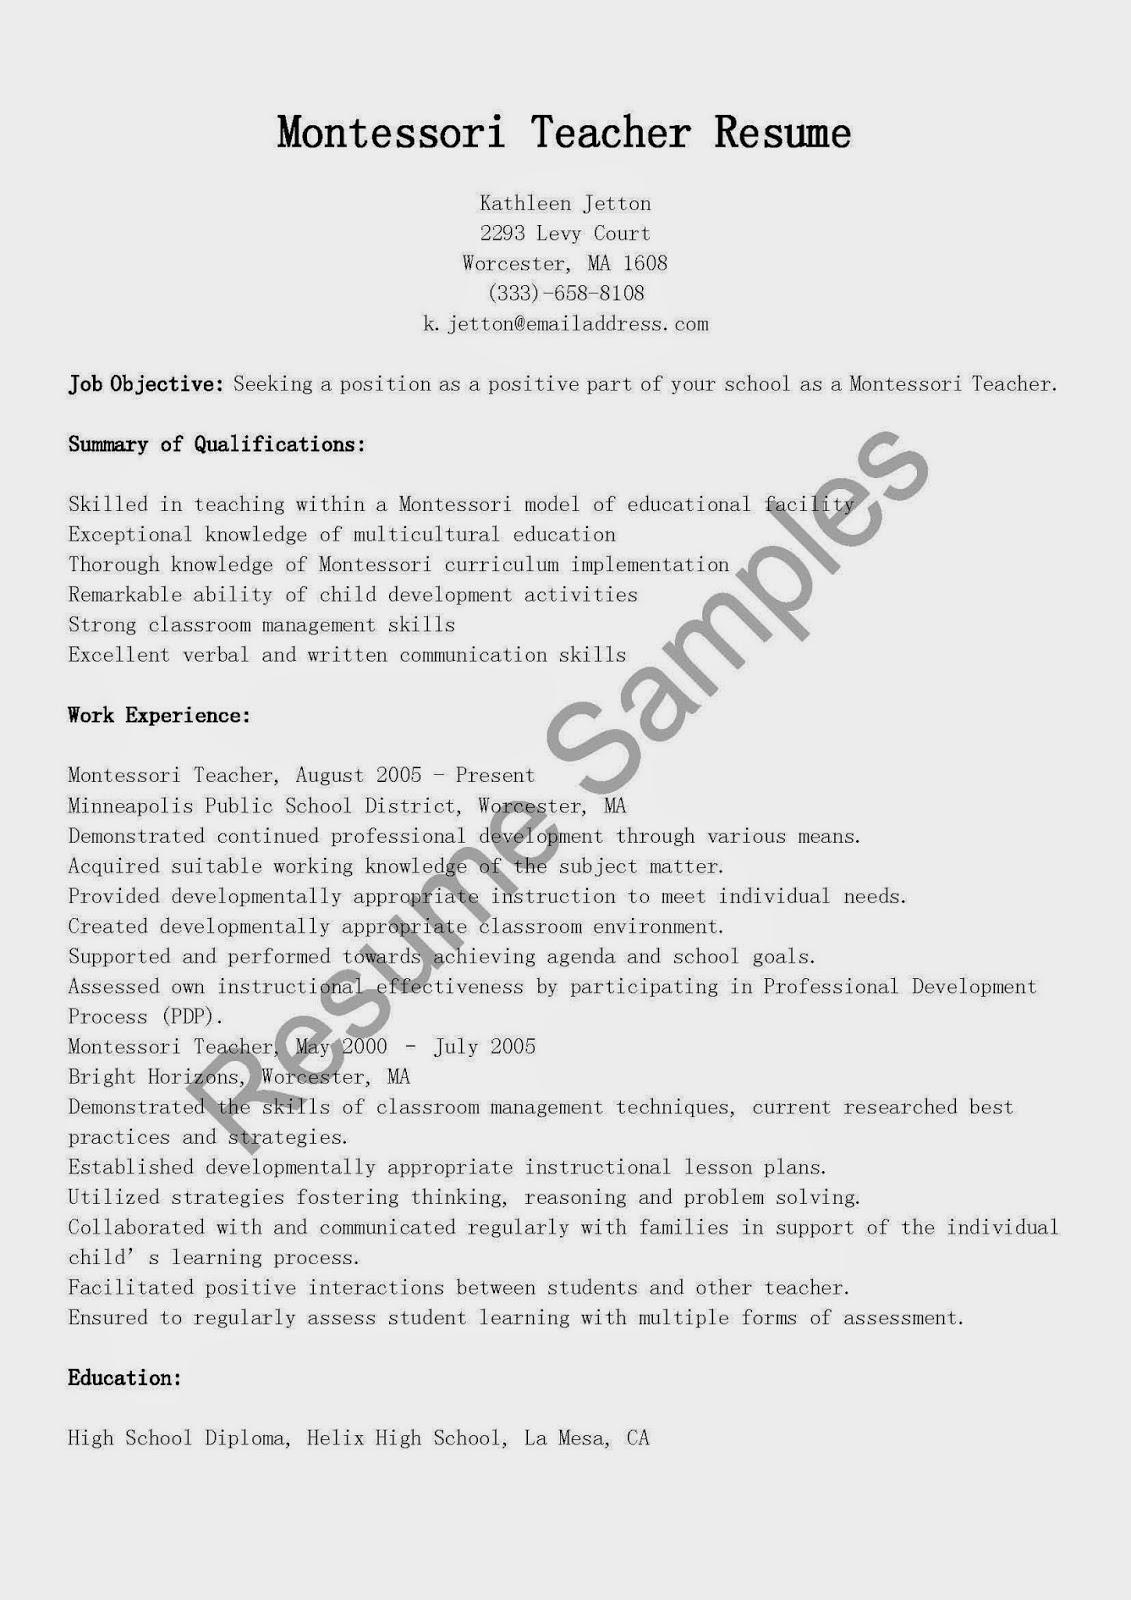 sample resume for a teacher job